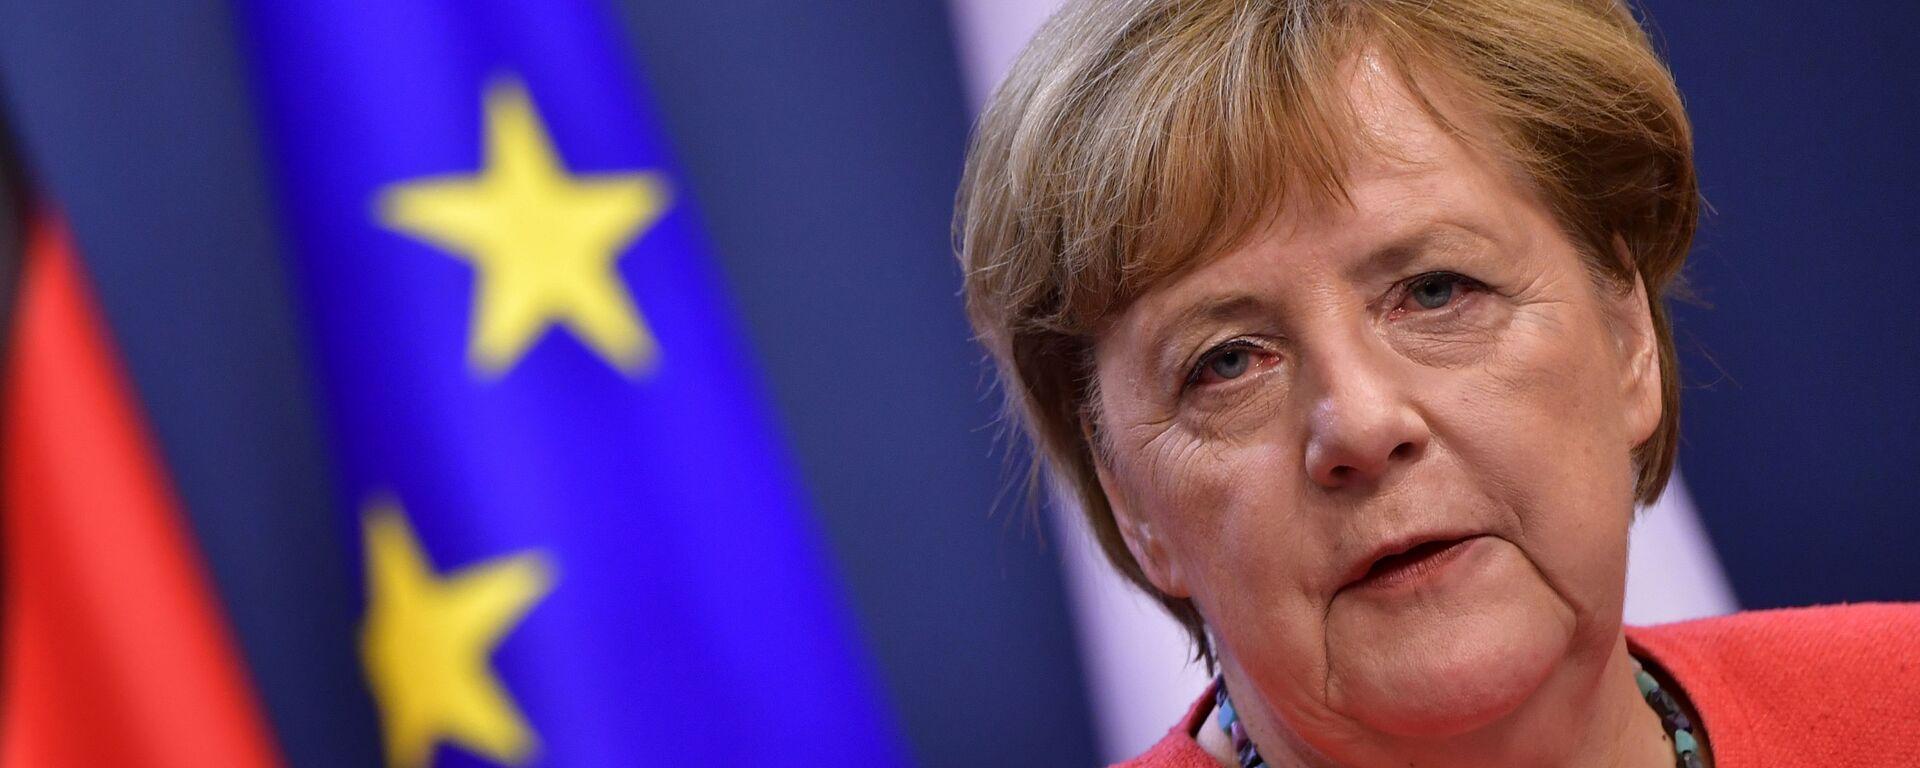 Německá kancléřka Angela Merkelová - Sputnik Česká republika, 1920, 12.06.2021